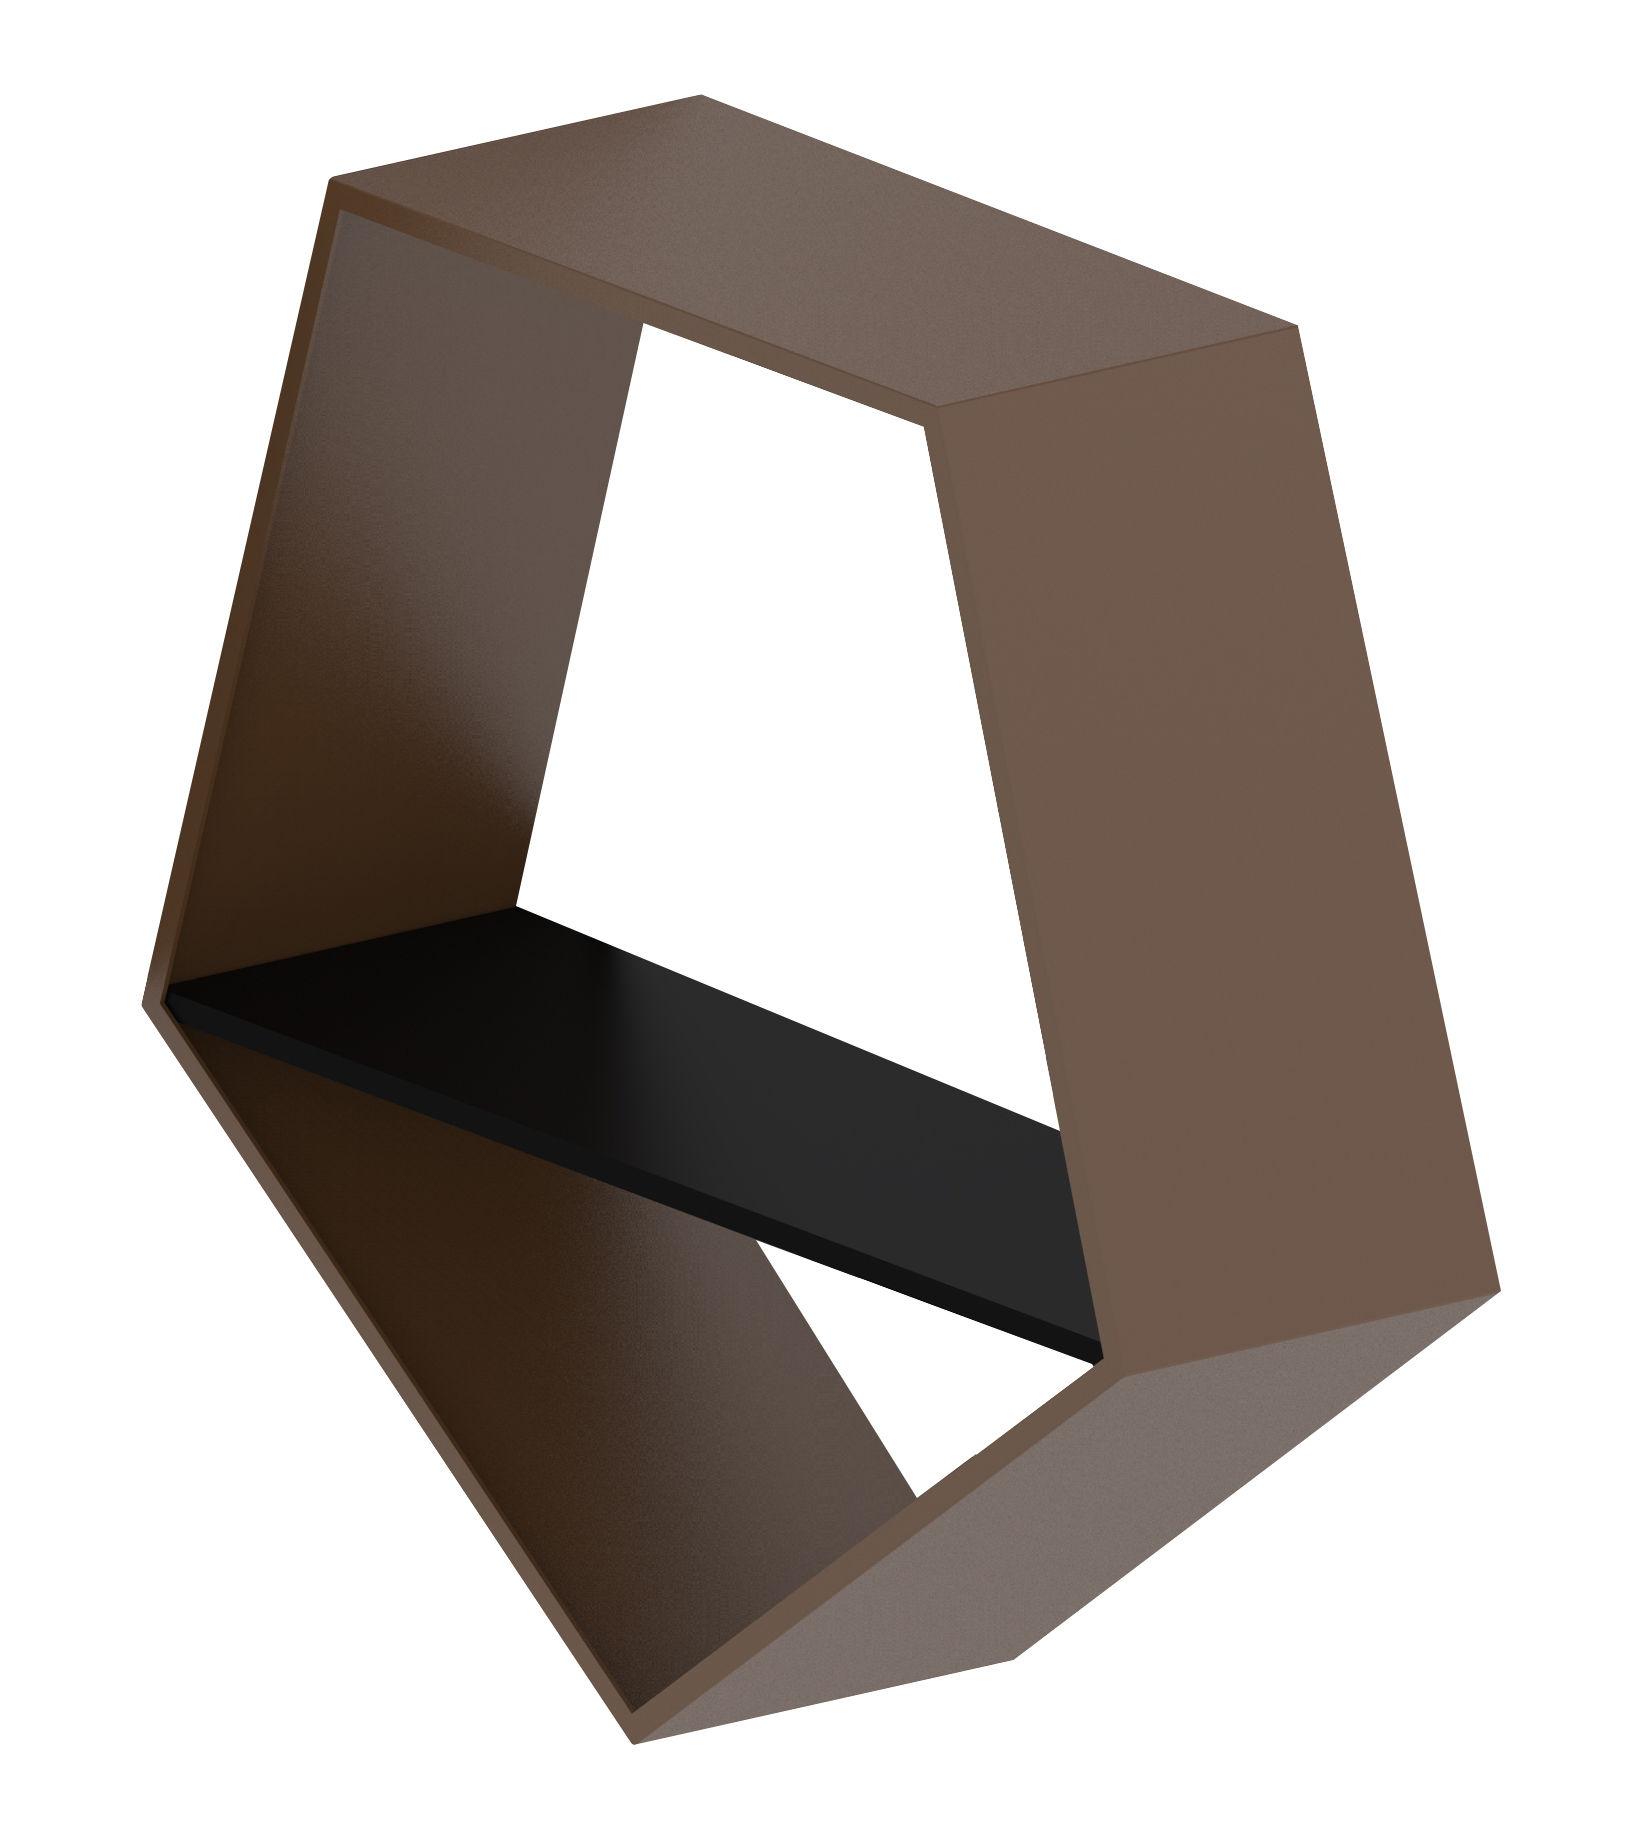 Arredamento - Scaffali e librerie - Scaffale Penta Rack  Small - / L 56 x H 54 x Prof. 20 cm di Zeus - Mensola / Bronzo - Acciaio verniciato